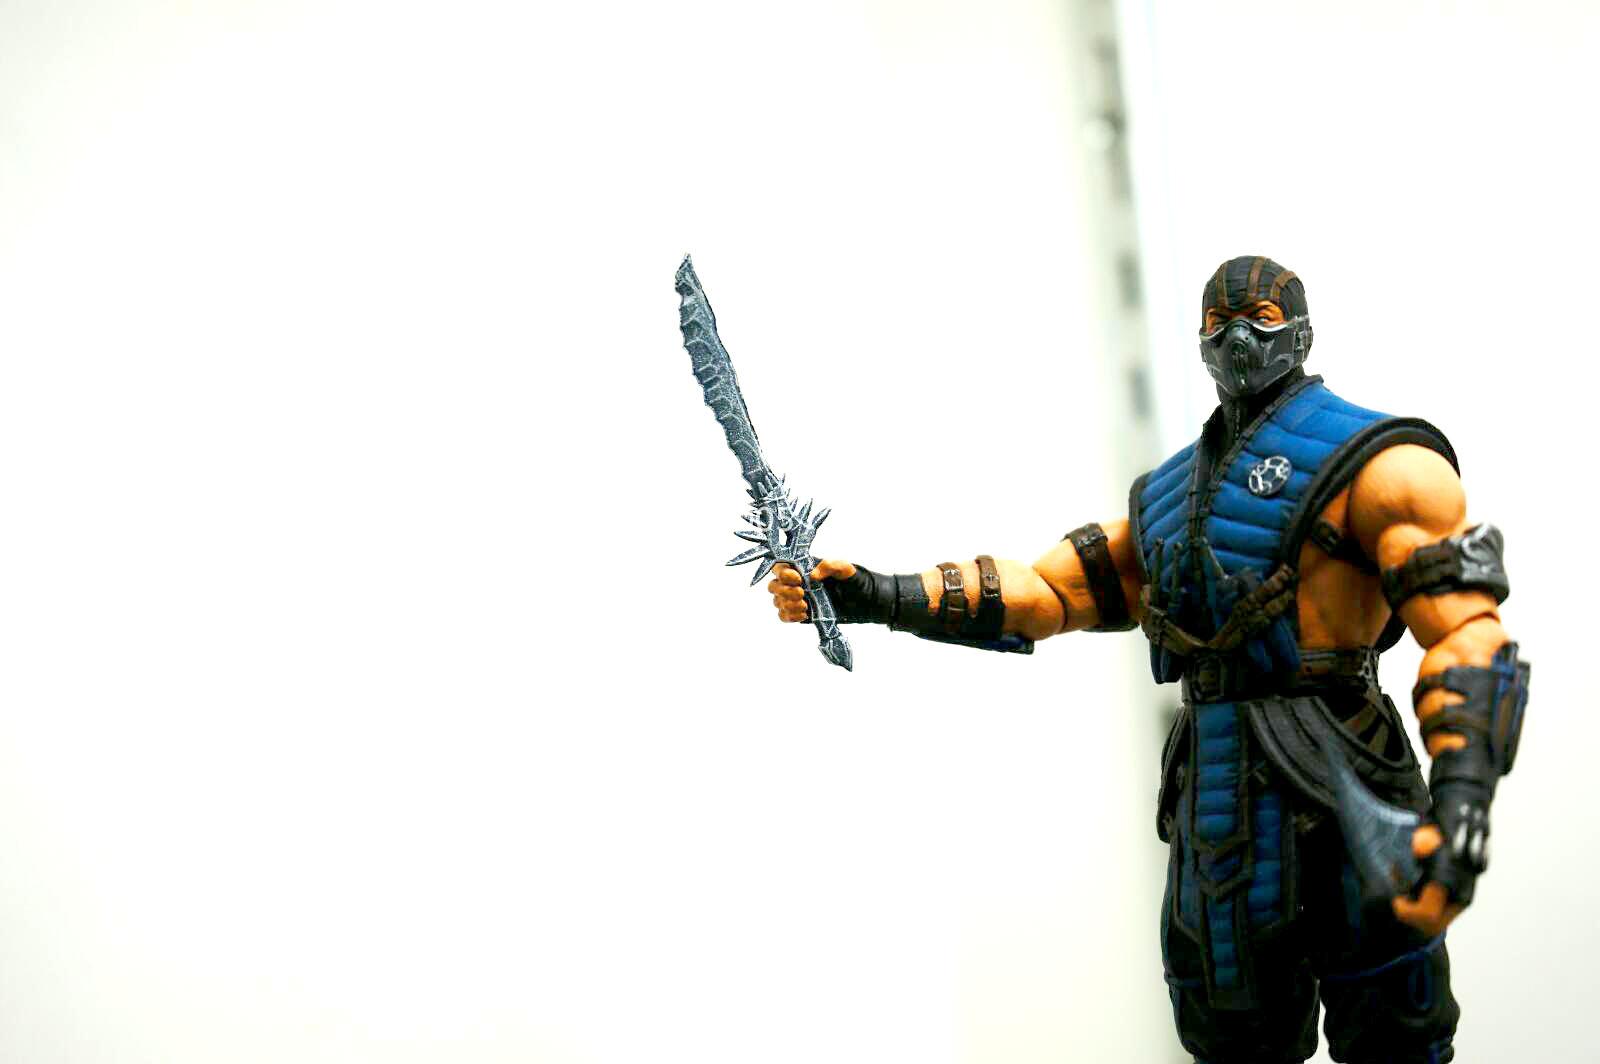 [NYCC 2014] MEZCO - 6-Inch Mortal Kombat X Figures NYCC-2014-Mezco-Mortal-Kombat-X-007